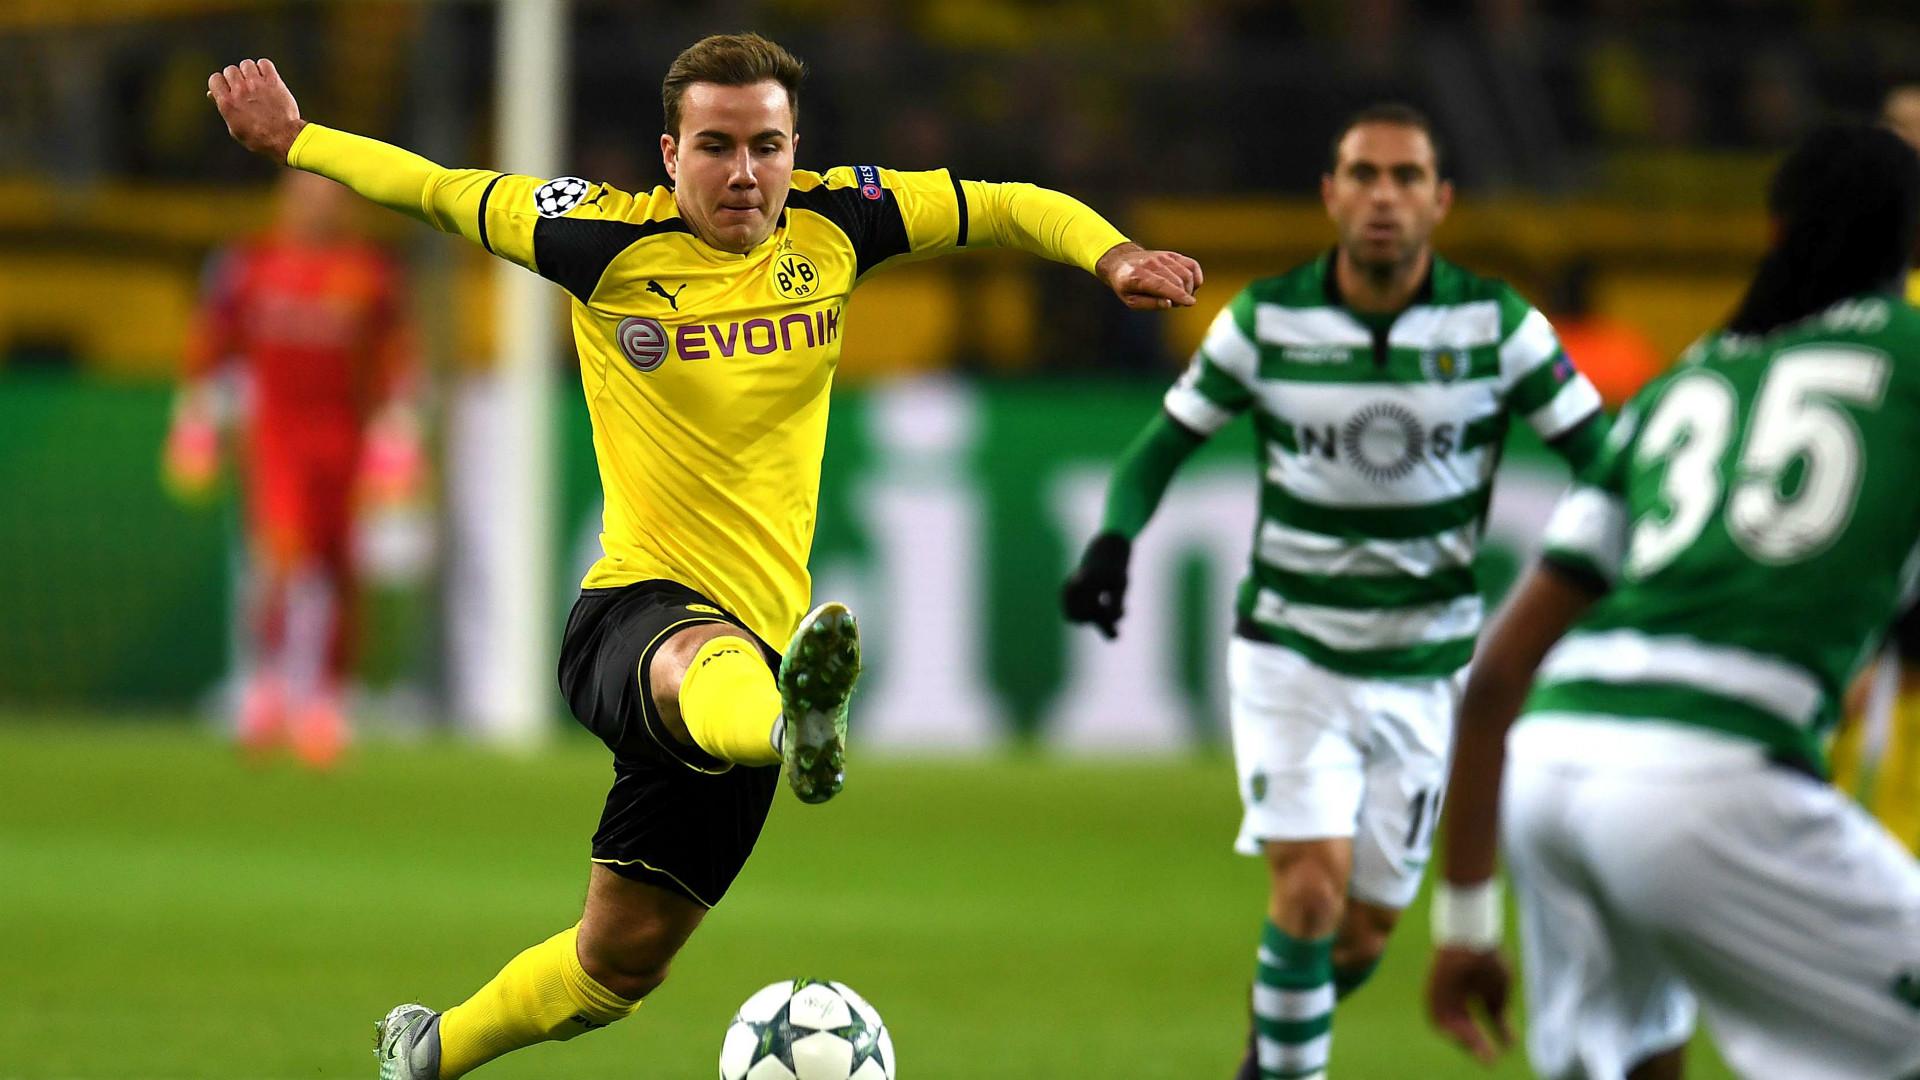 Borussia Dortmund Mario Gotze owed apologies